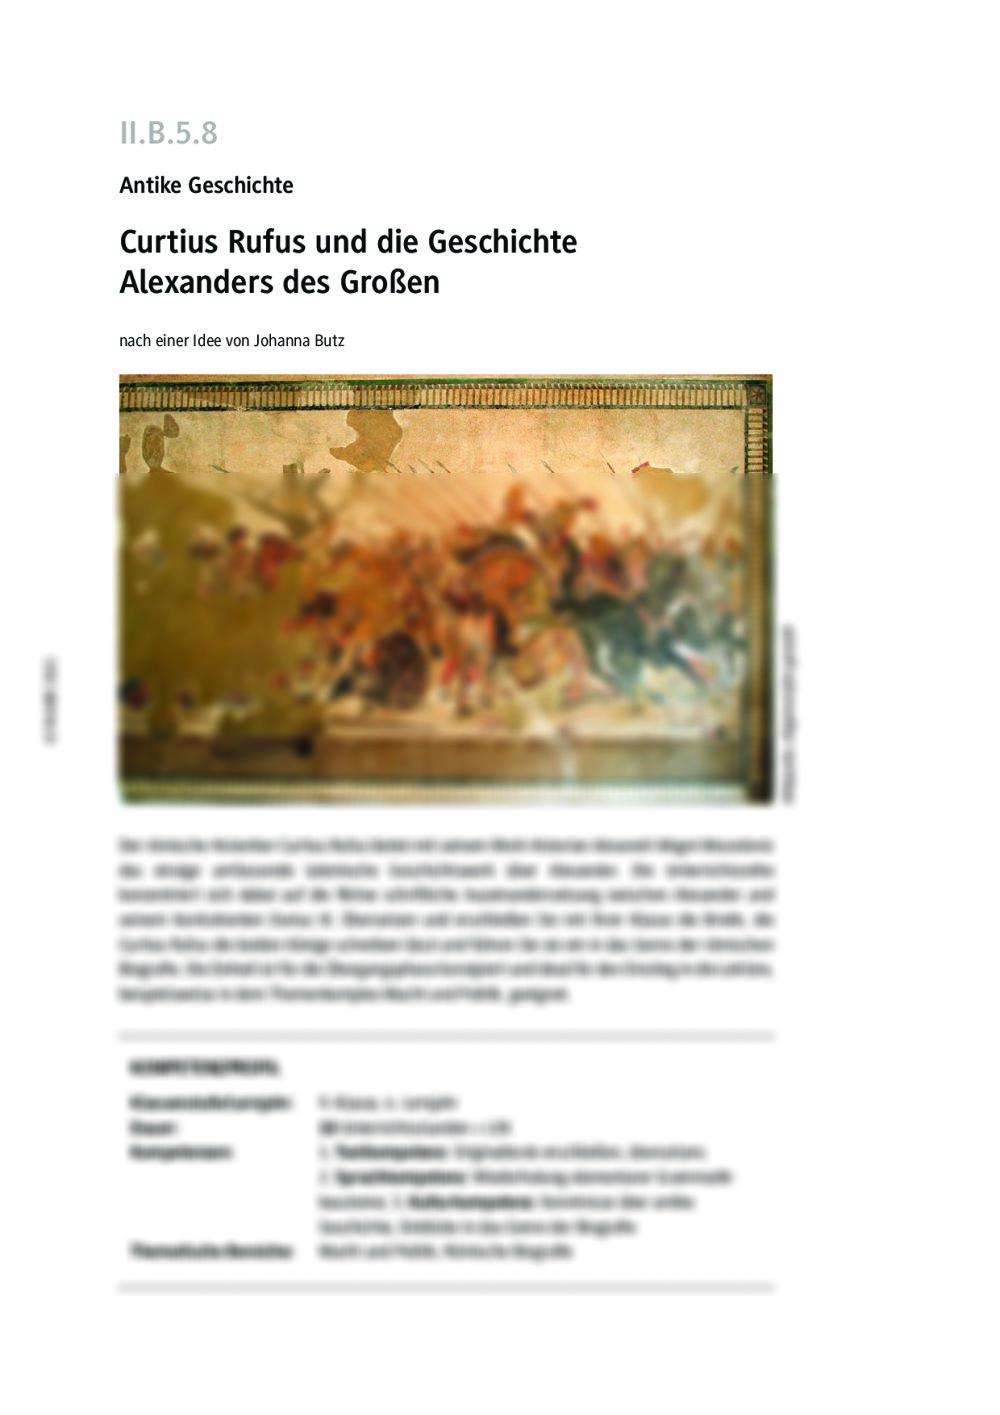 Curtius Rufus und die Geschichte Alexanders des Großen - Seite 1